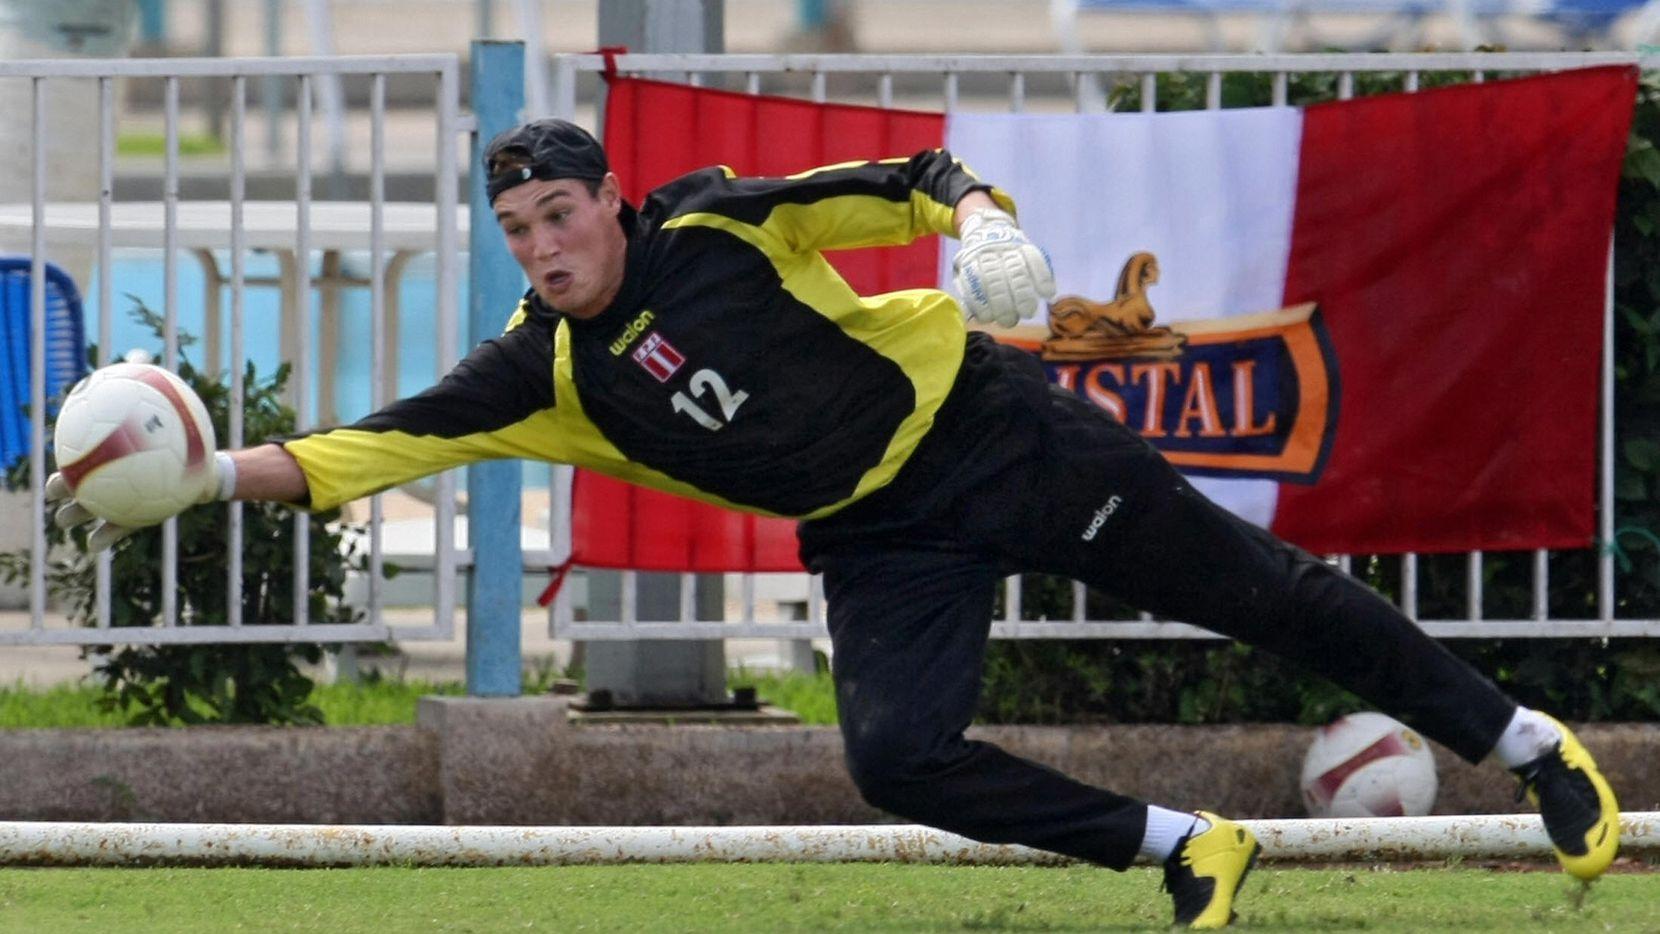 El portero de la selección de Perú, George Forsyth, durante un entrenamiento el 7 de julio de 2007.